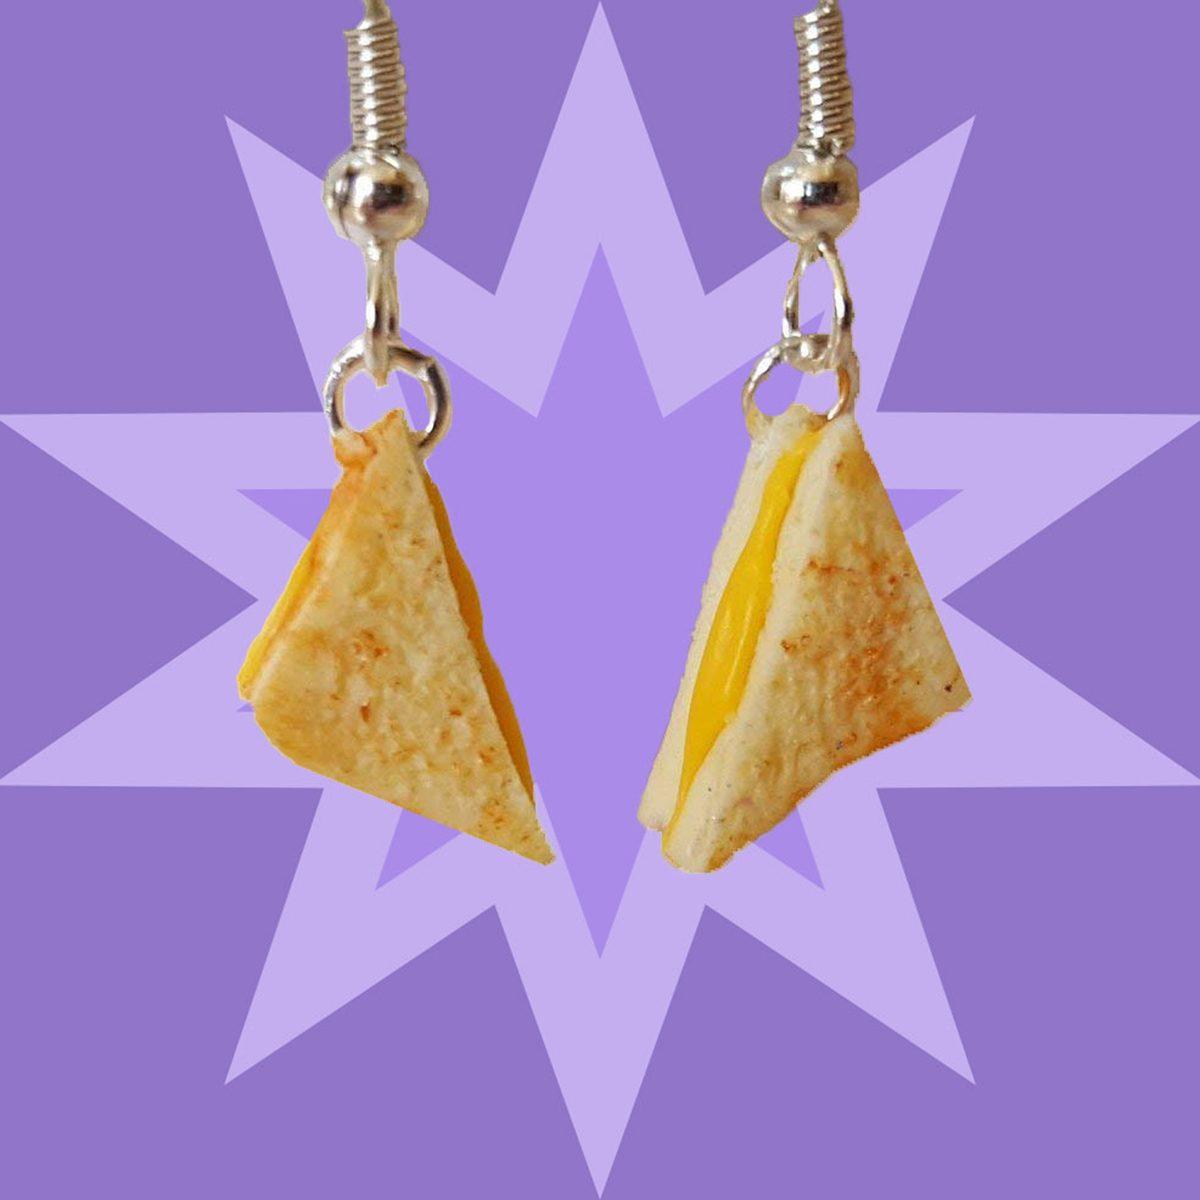 Food Jewelry - Grilled Cheese Earrings - Food Earrings